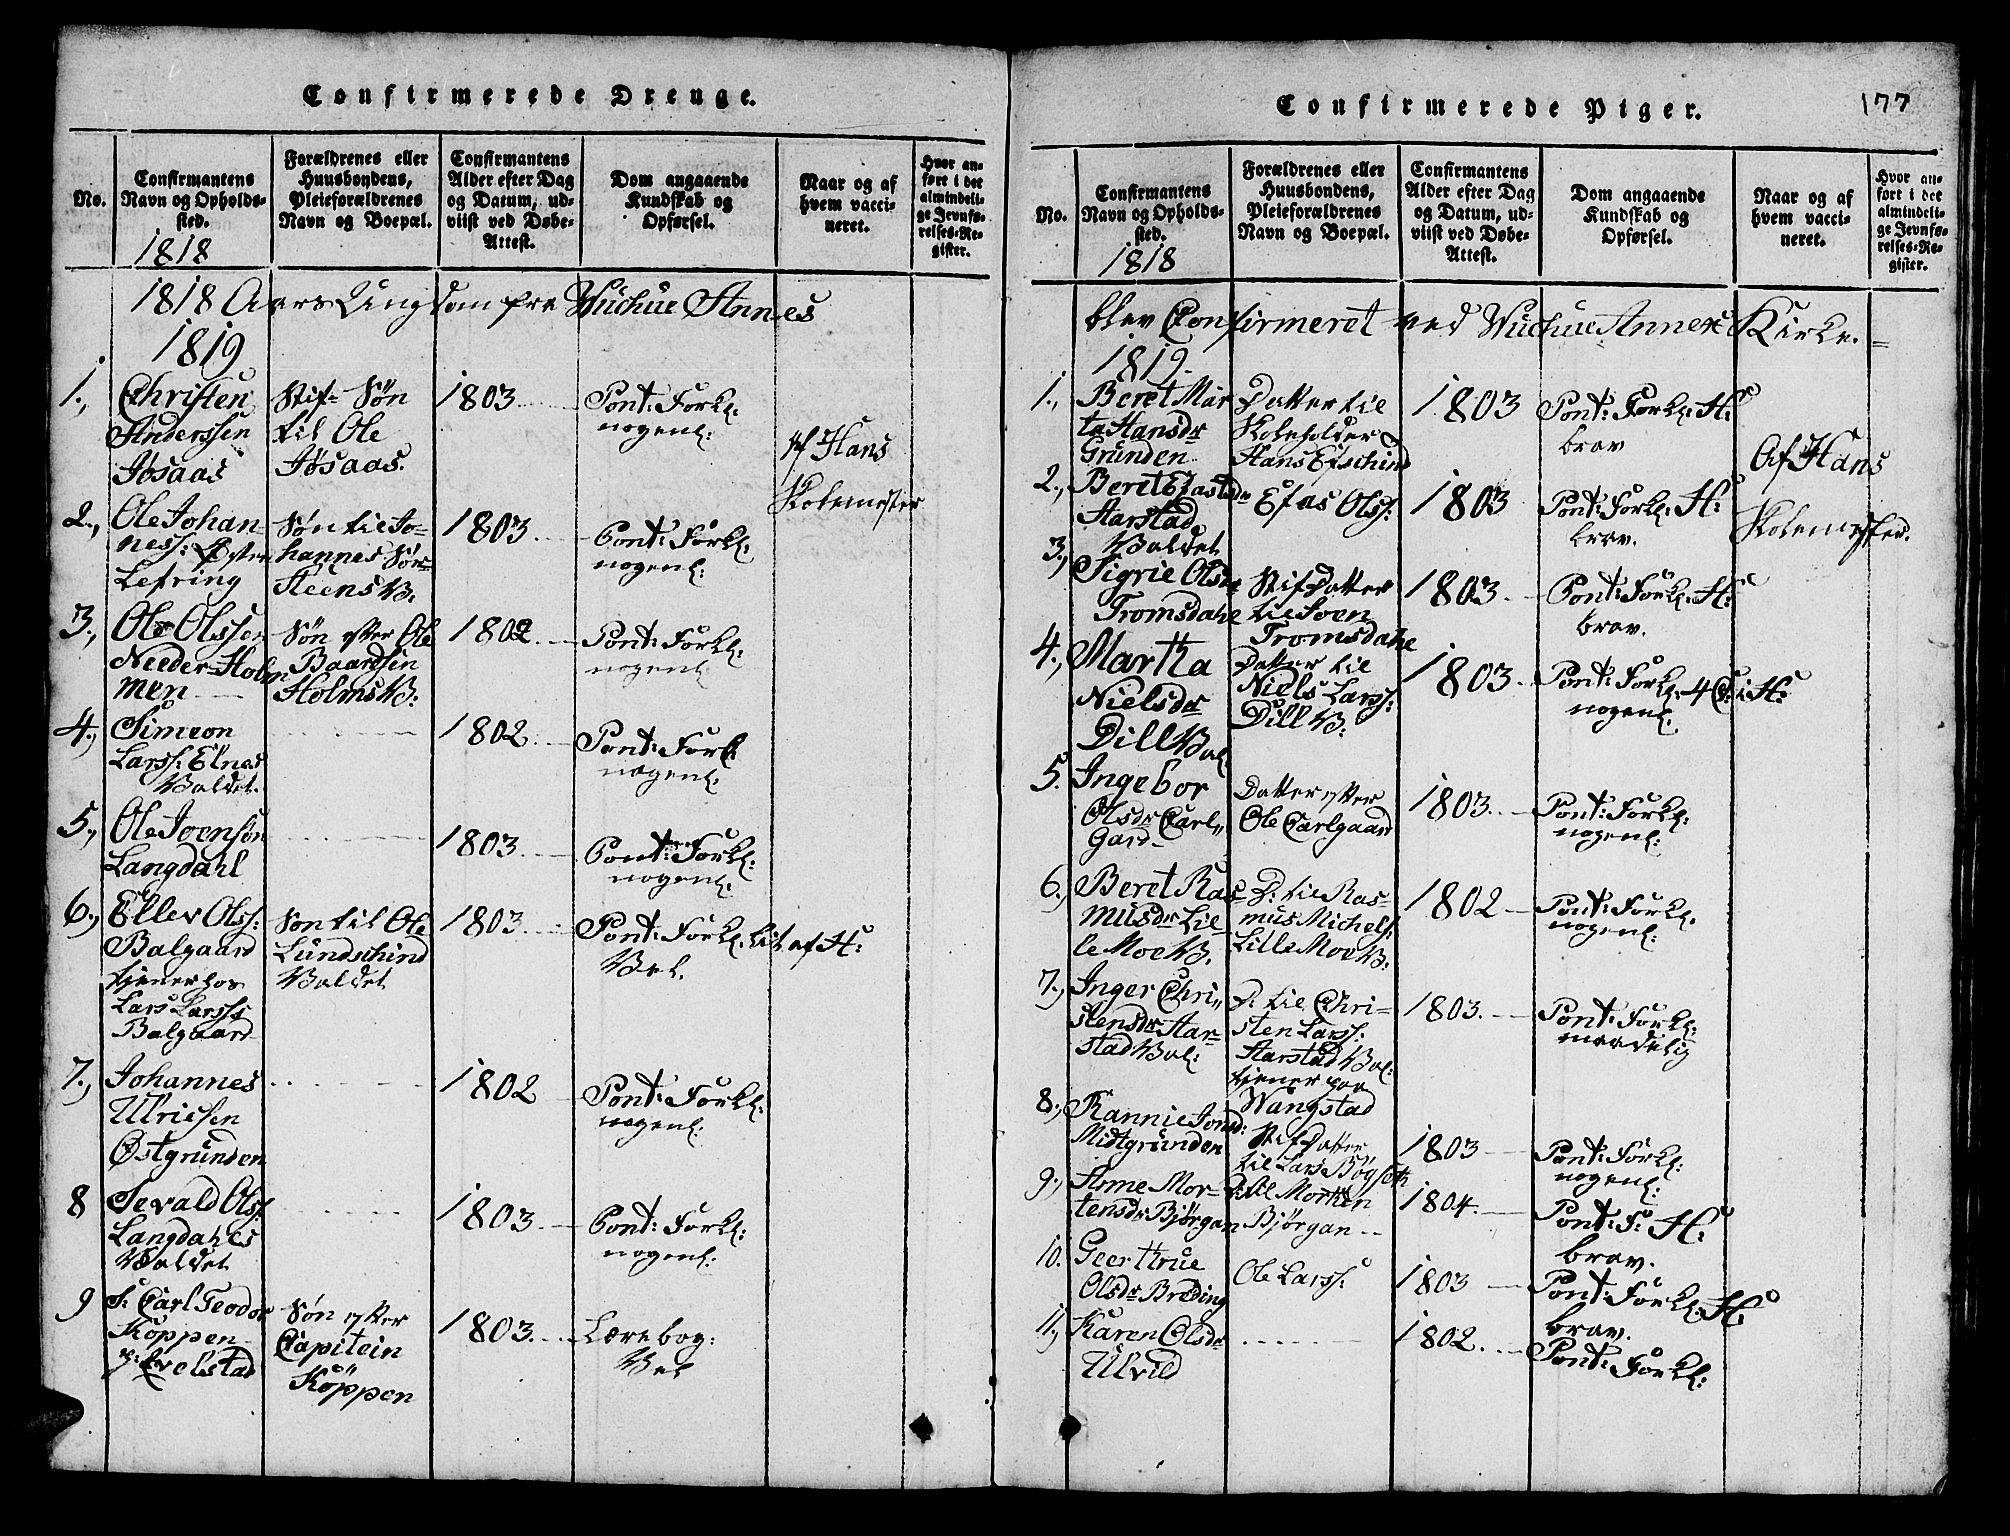 SAT, Ministerialprotokoller, klokkerbøker og fødselsregistre - Nord-Trøndelag, 724/L0265: Klokkerbok nr. 724C01, 1816-1845, s. 177